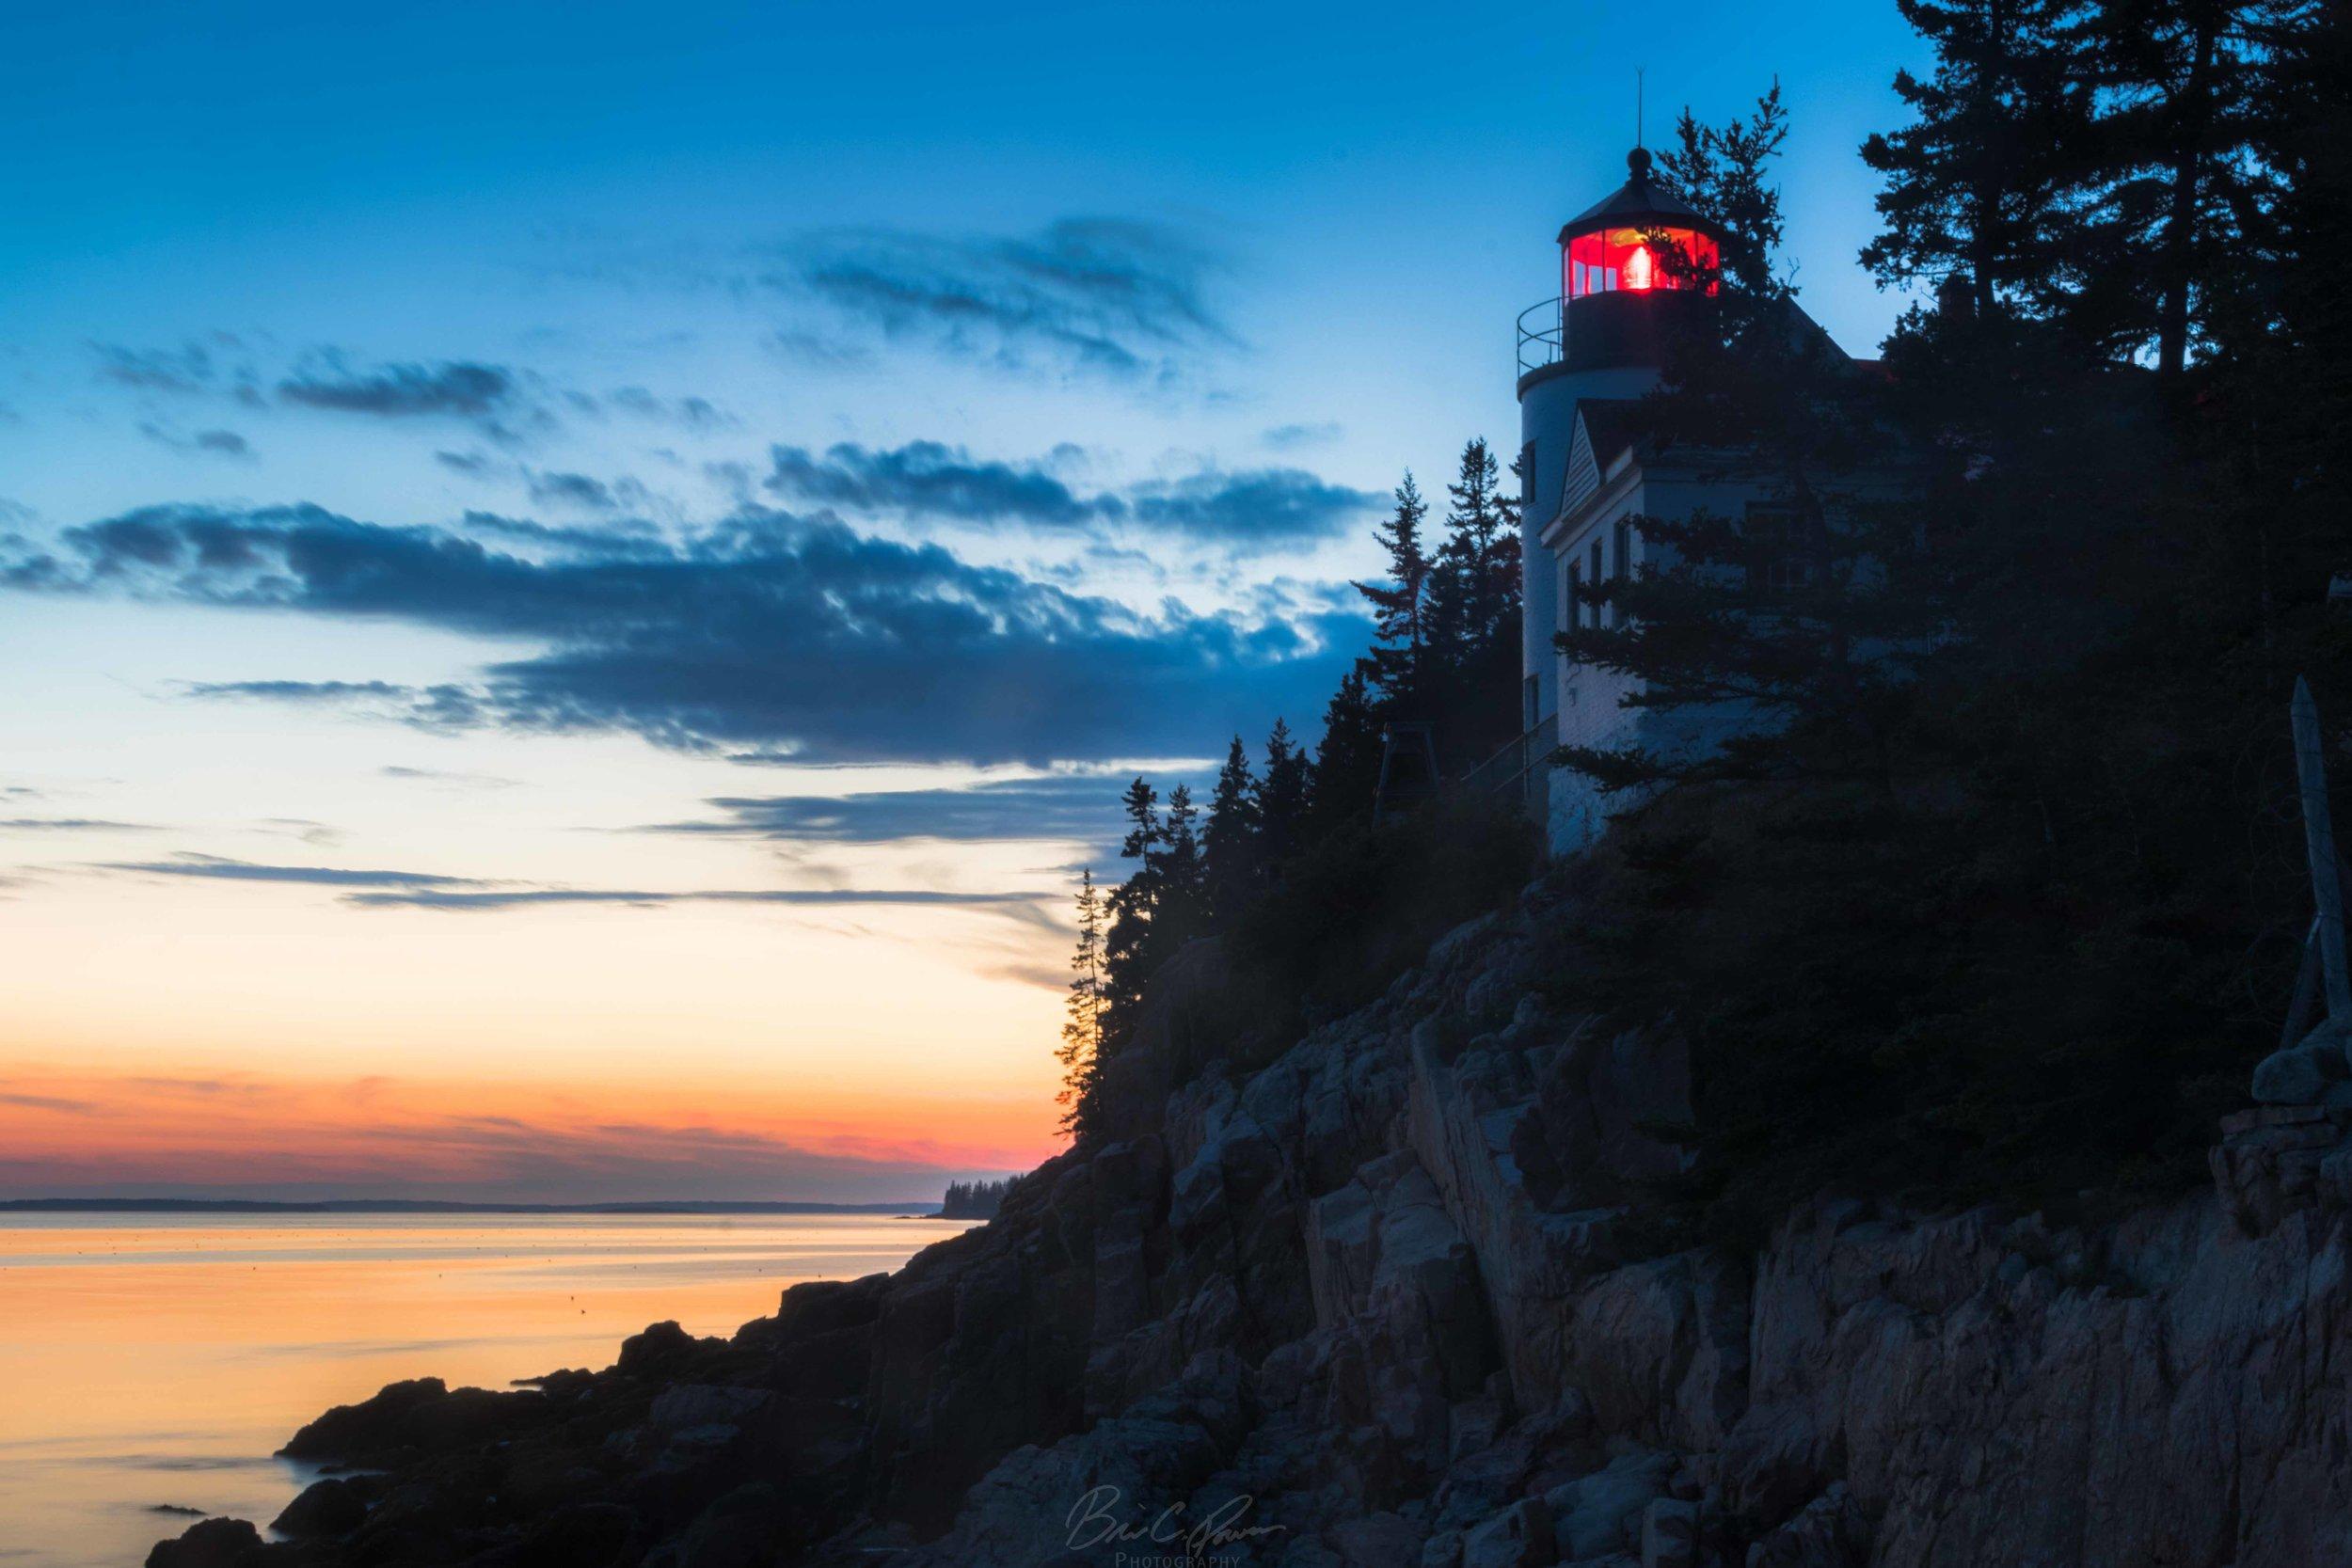 Bass Harbor Head Lighthouse Near Acadia National Park, Maine